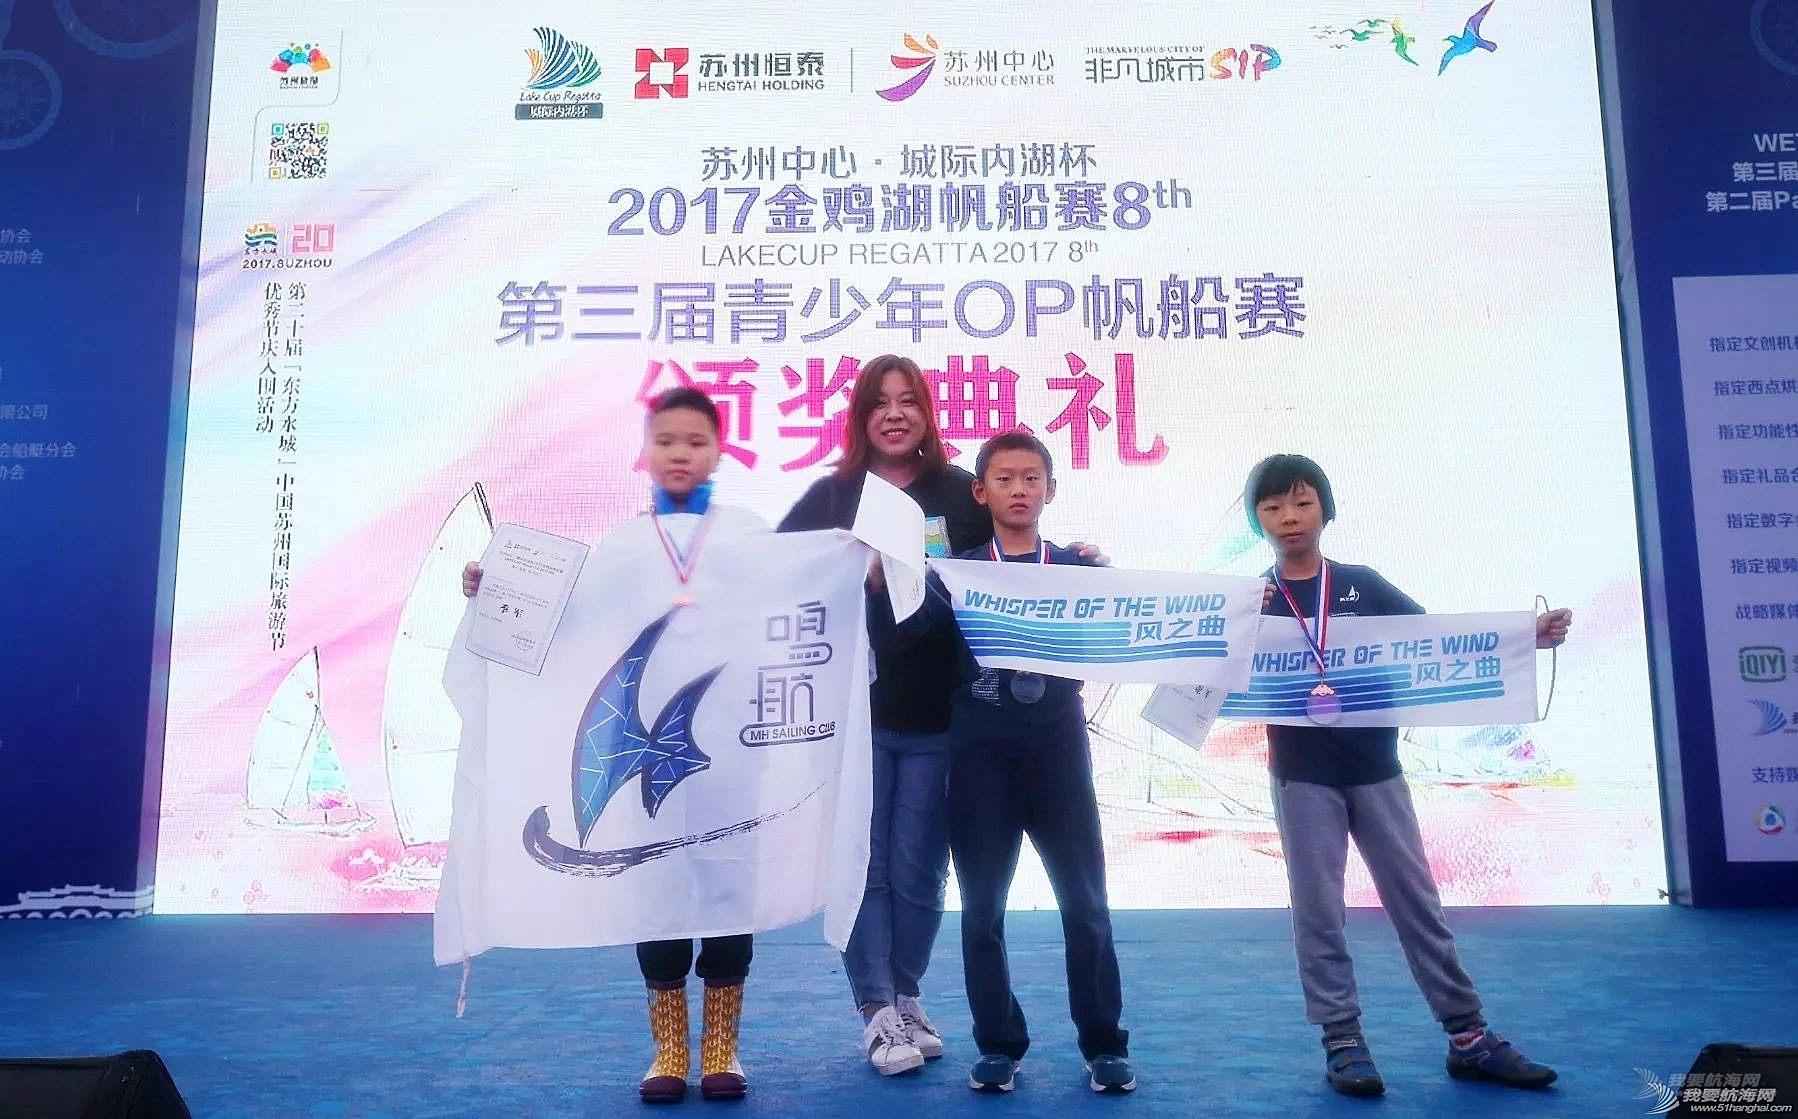 苏州中心·城际内湖杯2017金鸡湖帆船赛全情回顾!